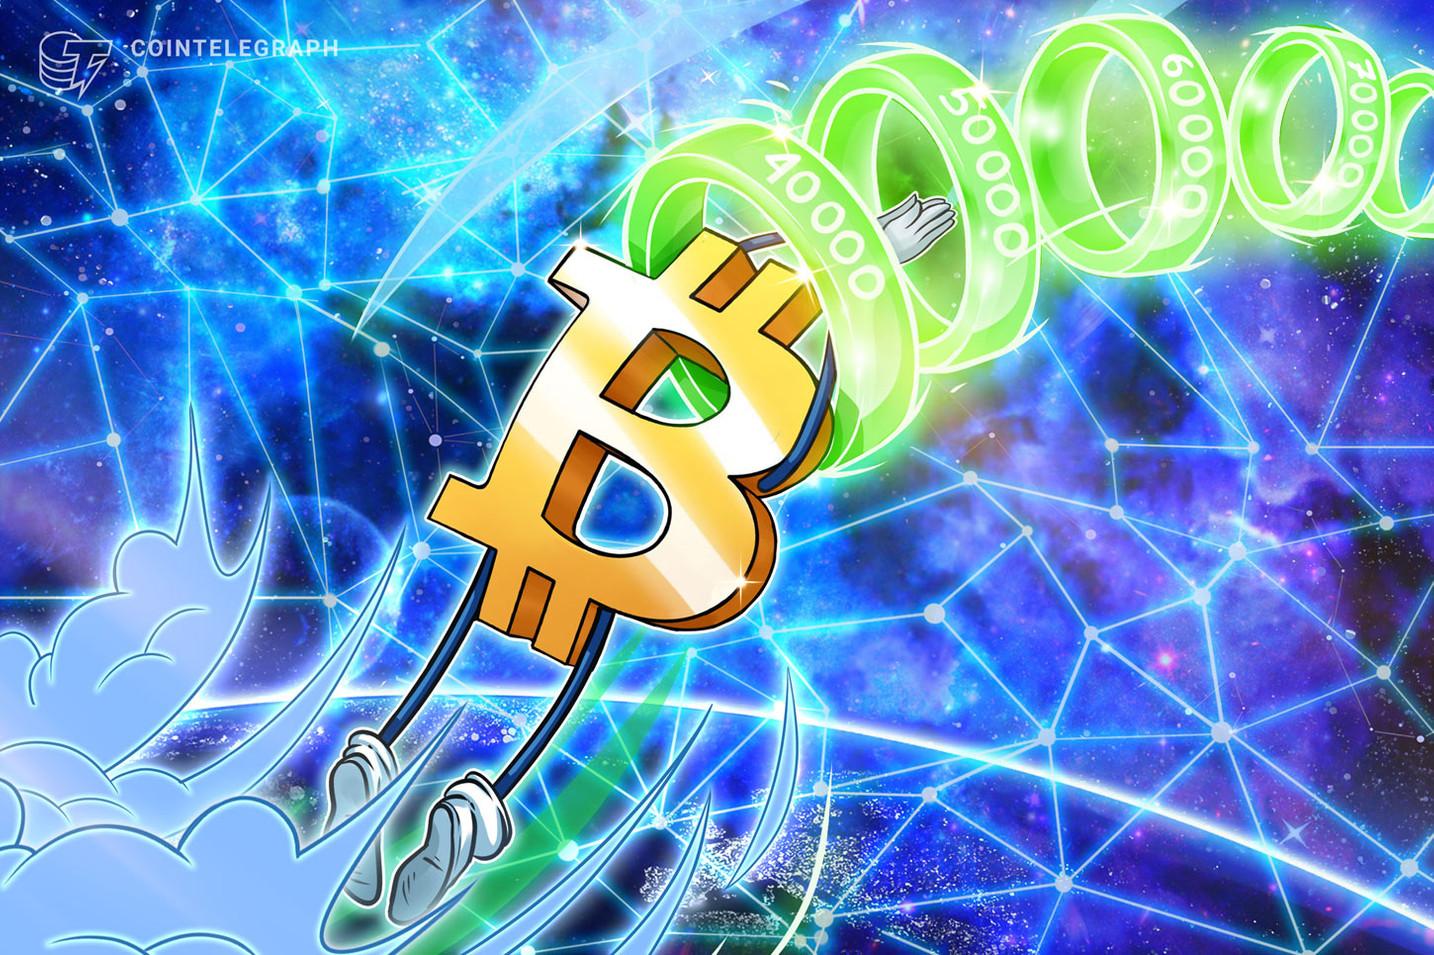 Η τιμή του Bitcoin επιστρέφει στα 40 $ - Αλλά τα σορτς θα εκδικηθούν;